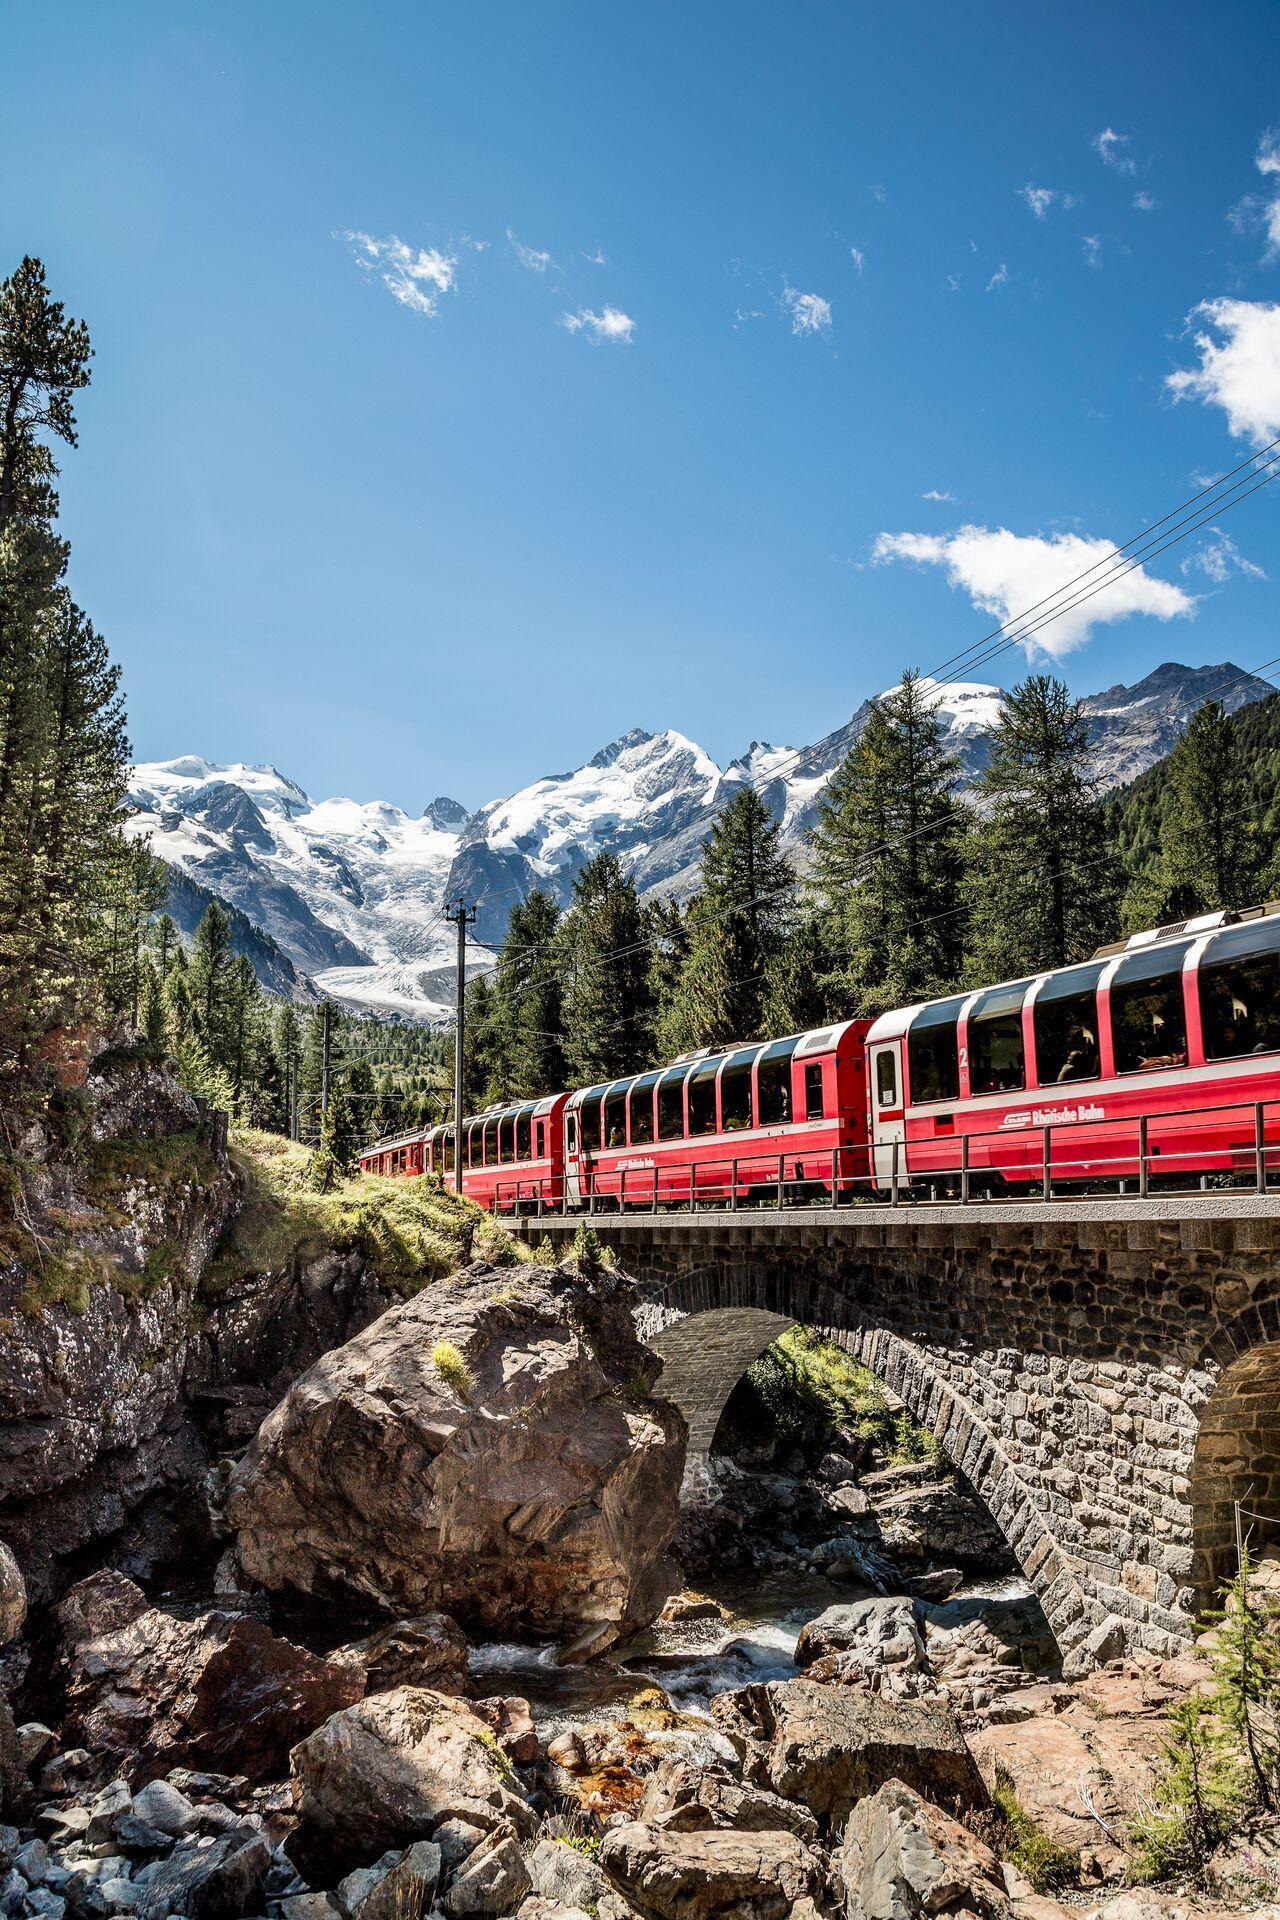 Ferrovia Retica, il trenino rosso del Bernina passa un piccolo viadotto